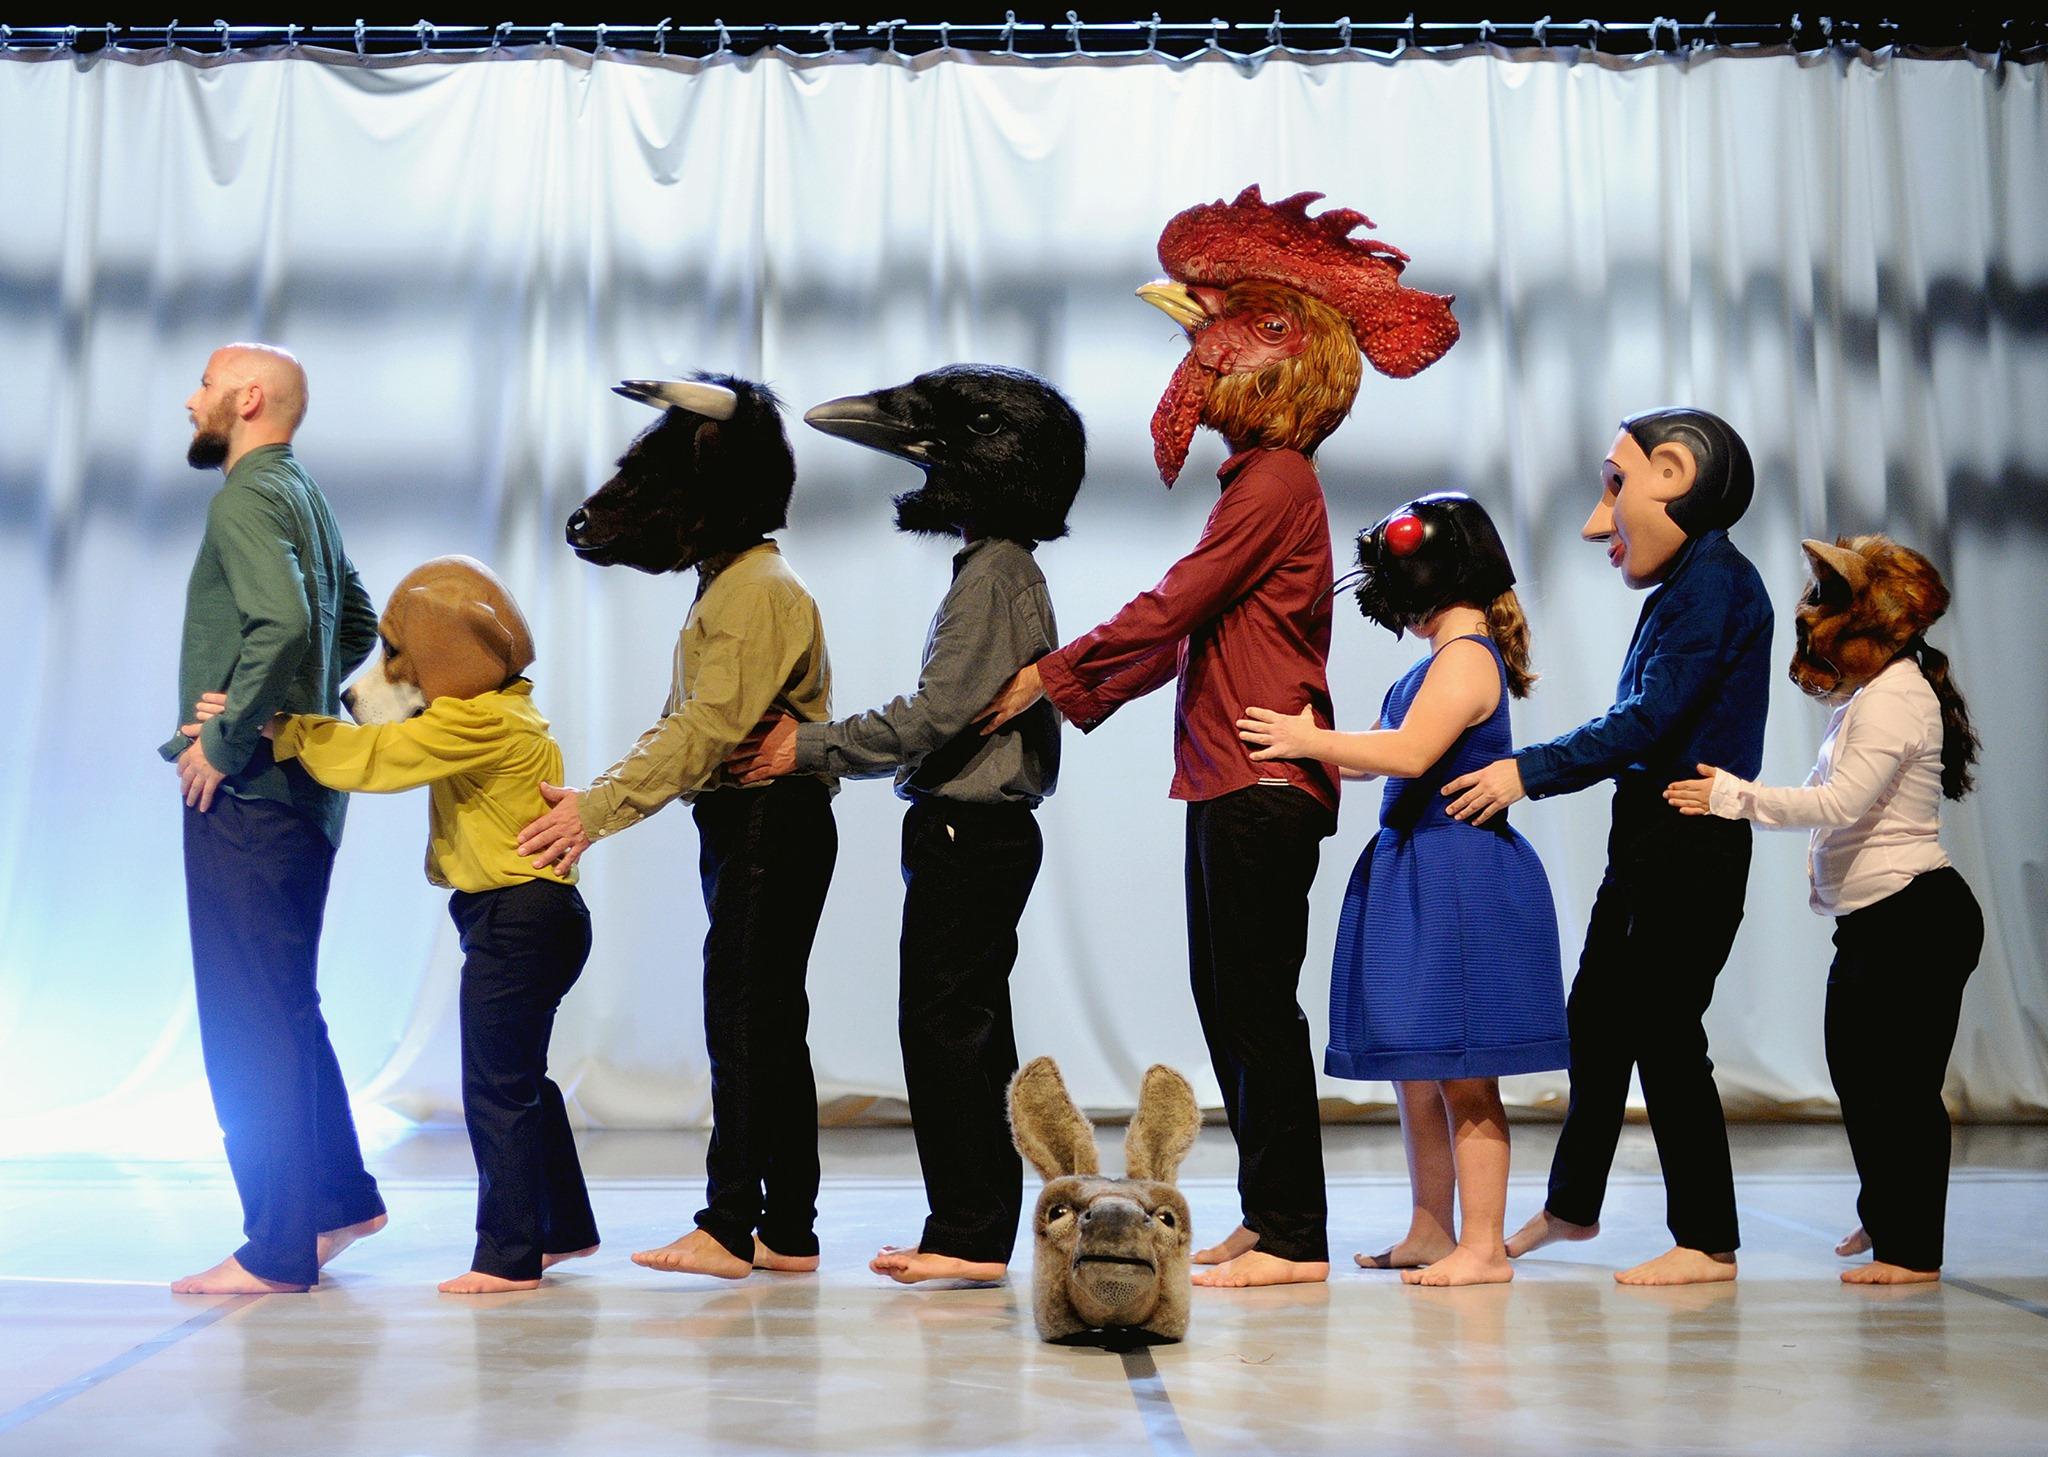 Palestra/Debate Dança inclusiva: o caso 'Dançando com a Diferença'